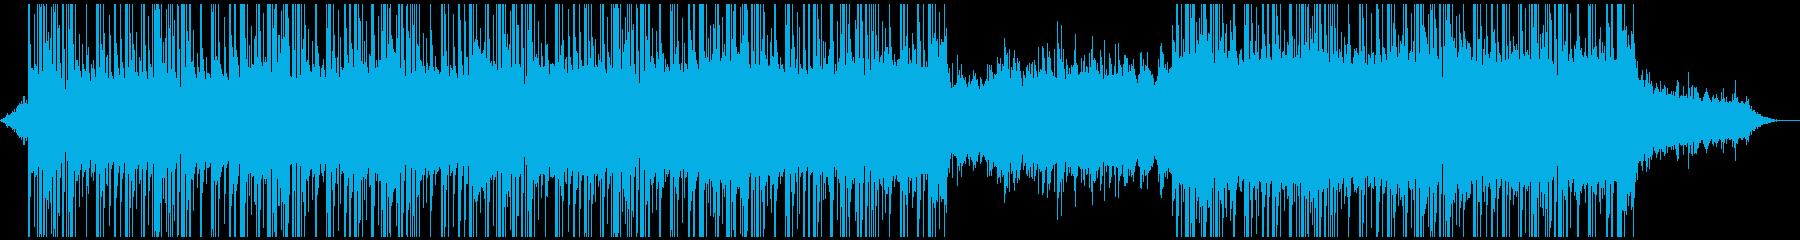 無機質、クールでおしゃれなBGMの再生済みの波形